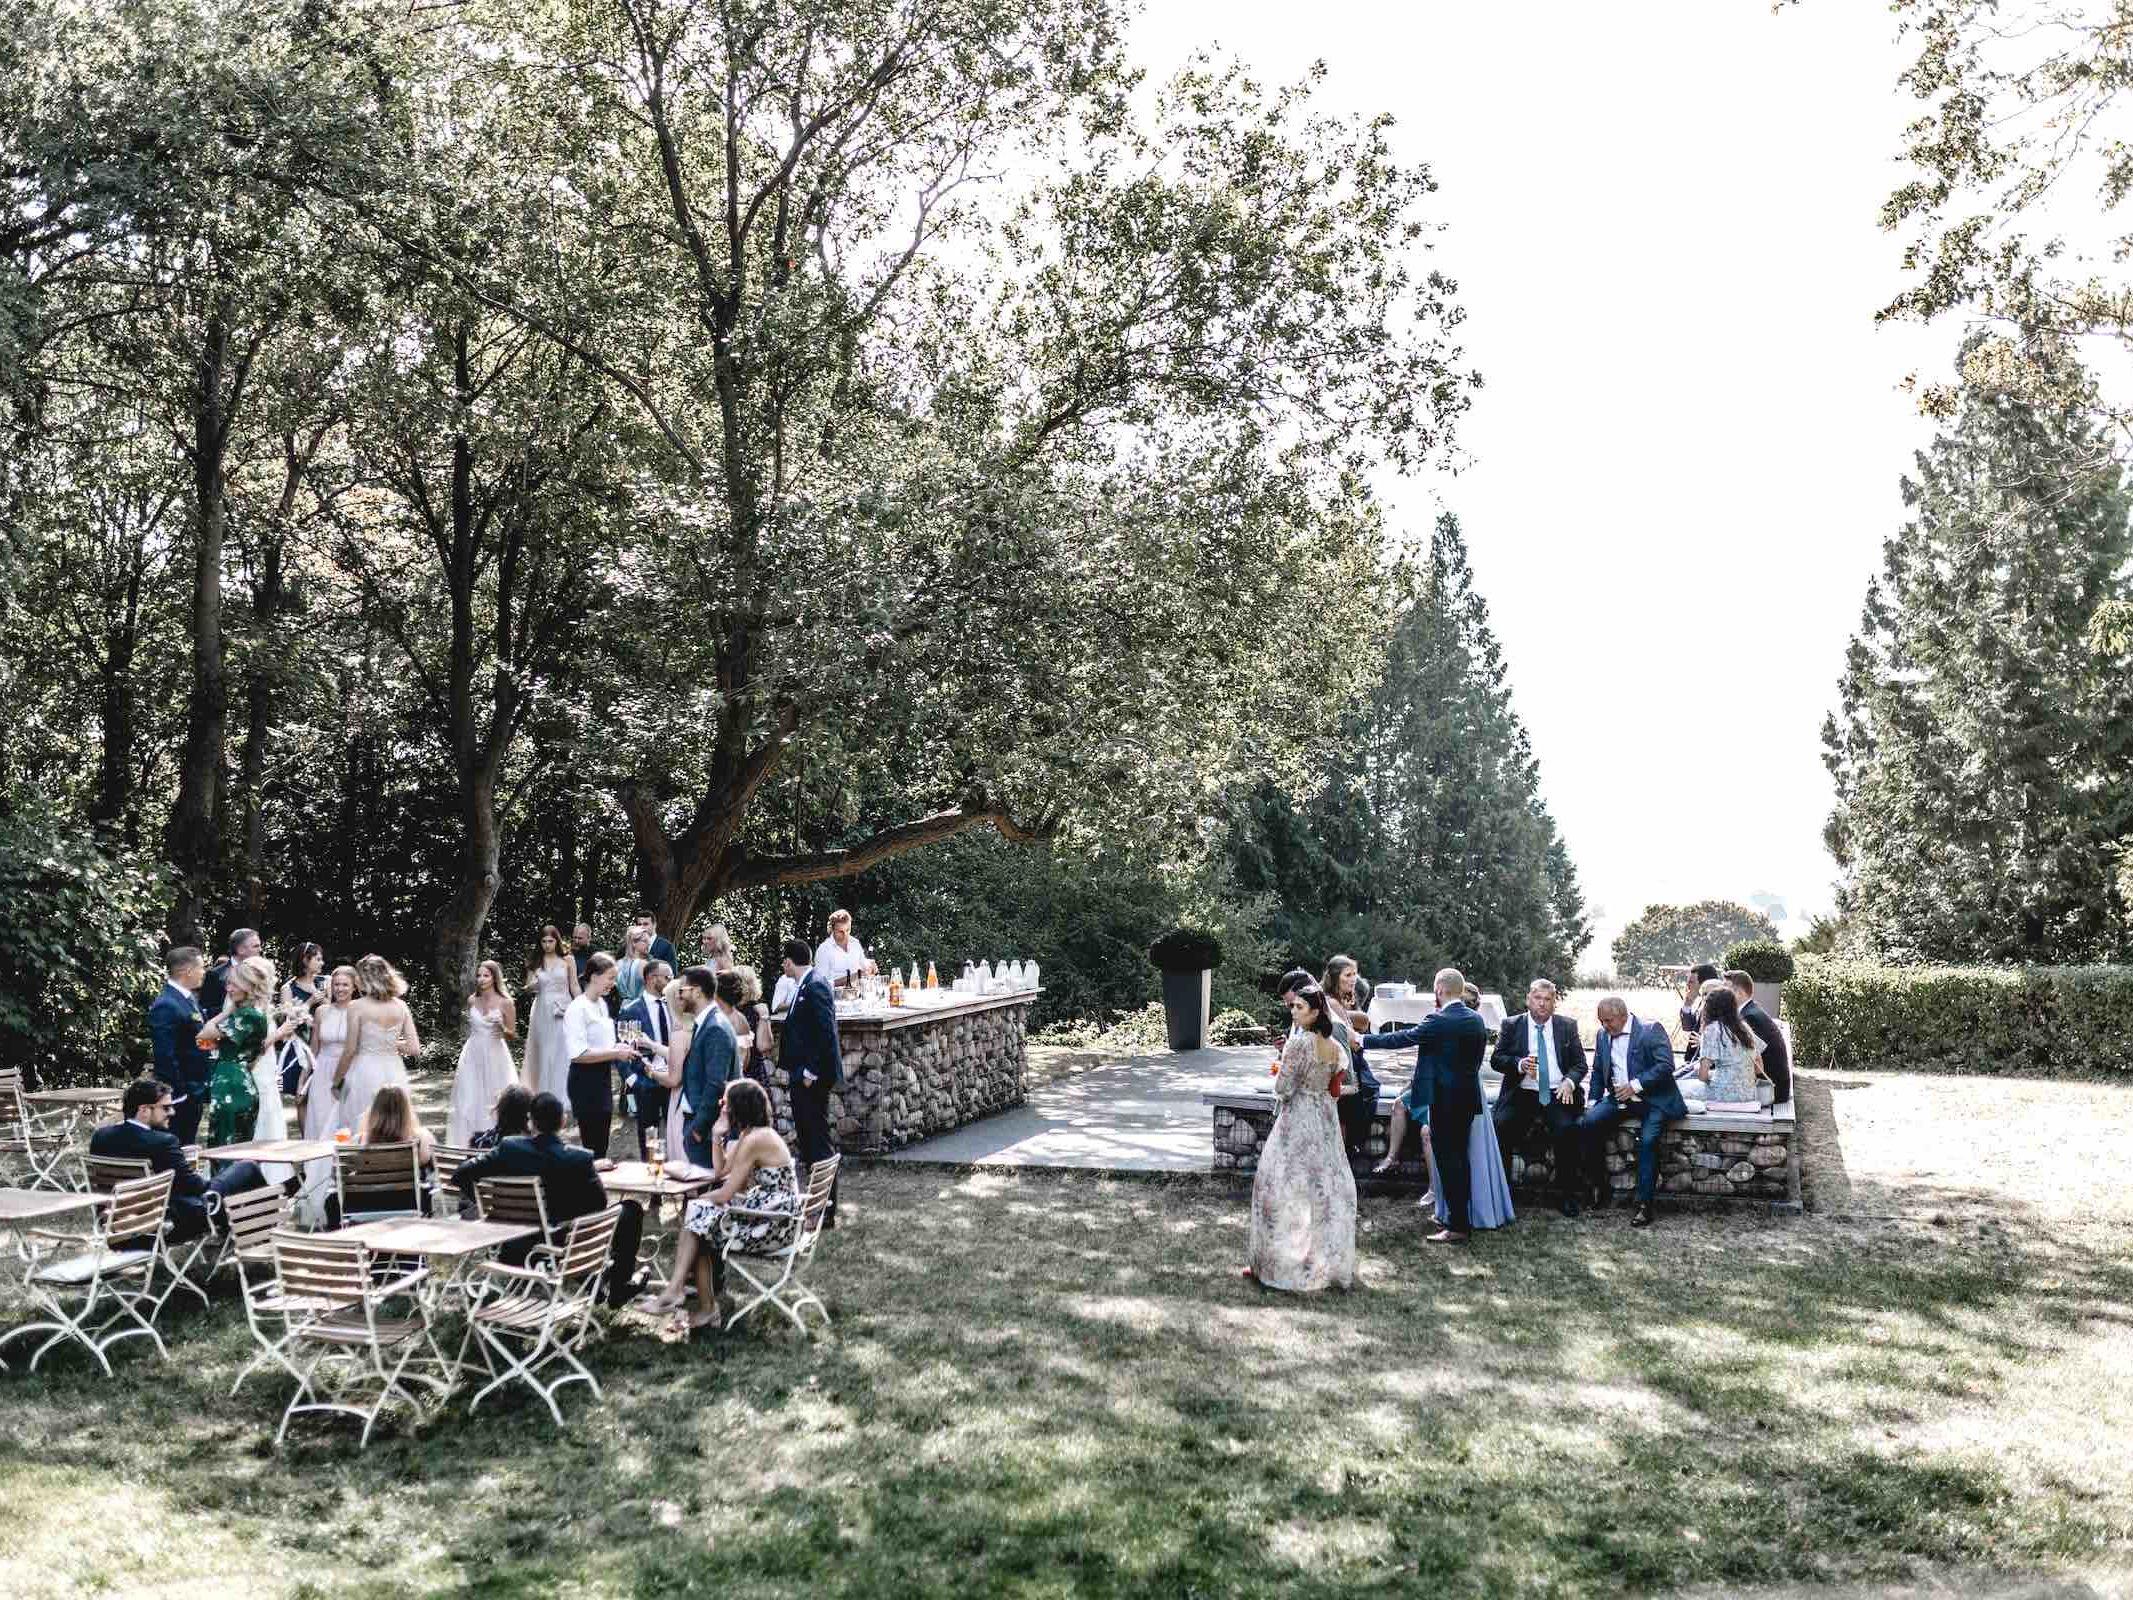 Berggasthaus | Niedersachsen | Hochzeit | Hannover | Empfang | Feiern | Locations | DJ | Hochzeitsplanung | Fotograf | Hochzeits | Referenz | Empfang | Brautpaar | Fotograf | Referenz | Lehmann | Eventservice